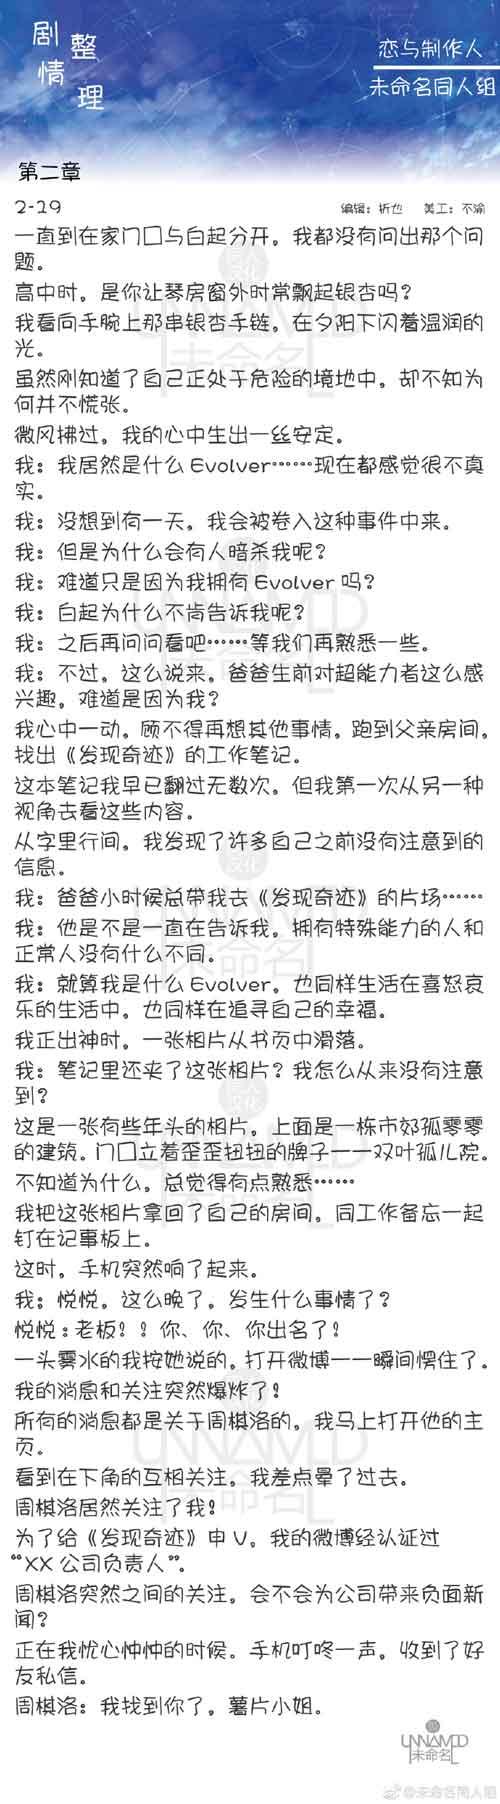 恋与制作人2-19剧情